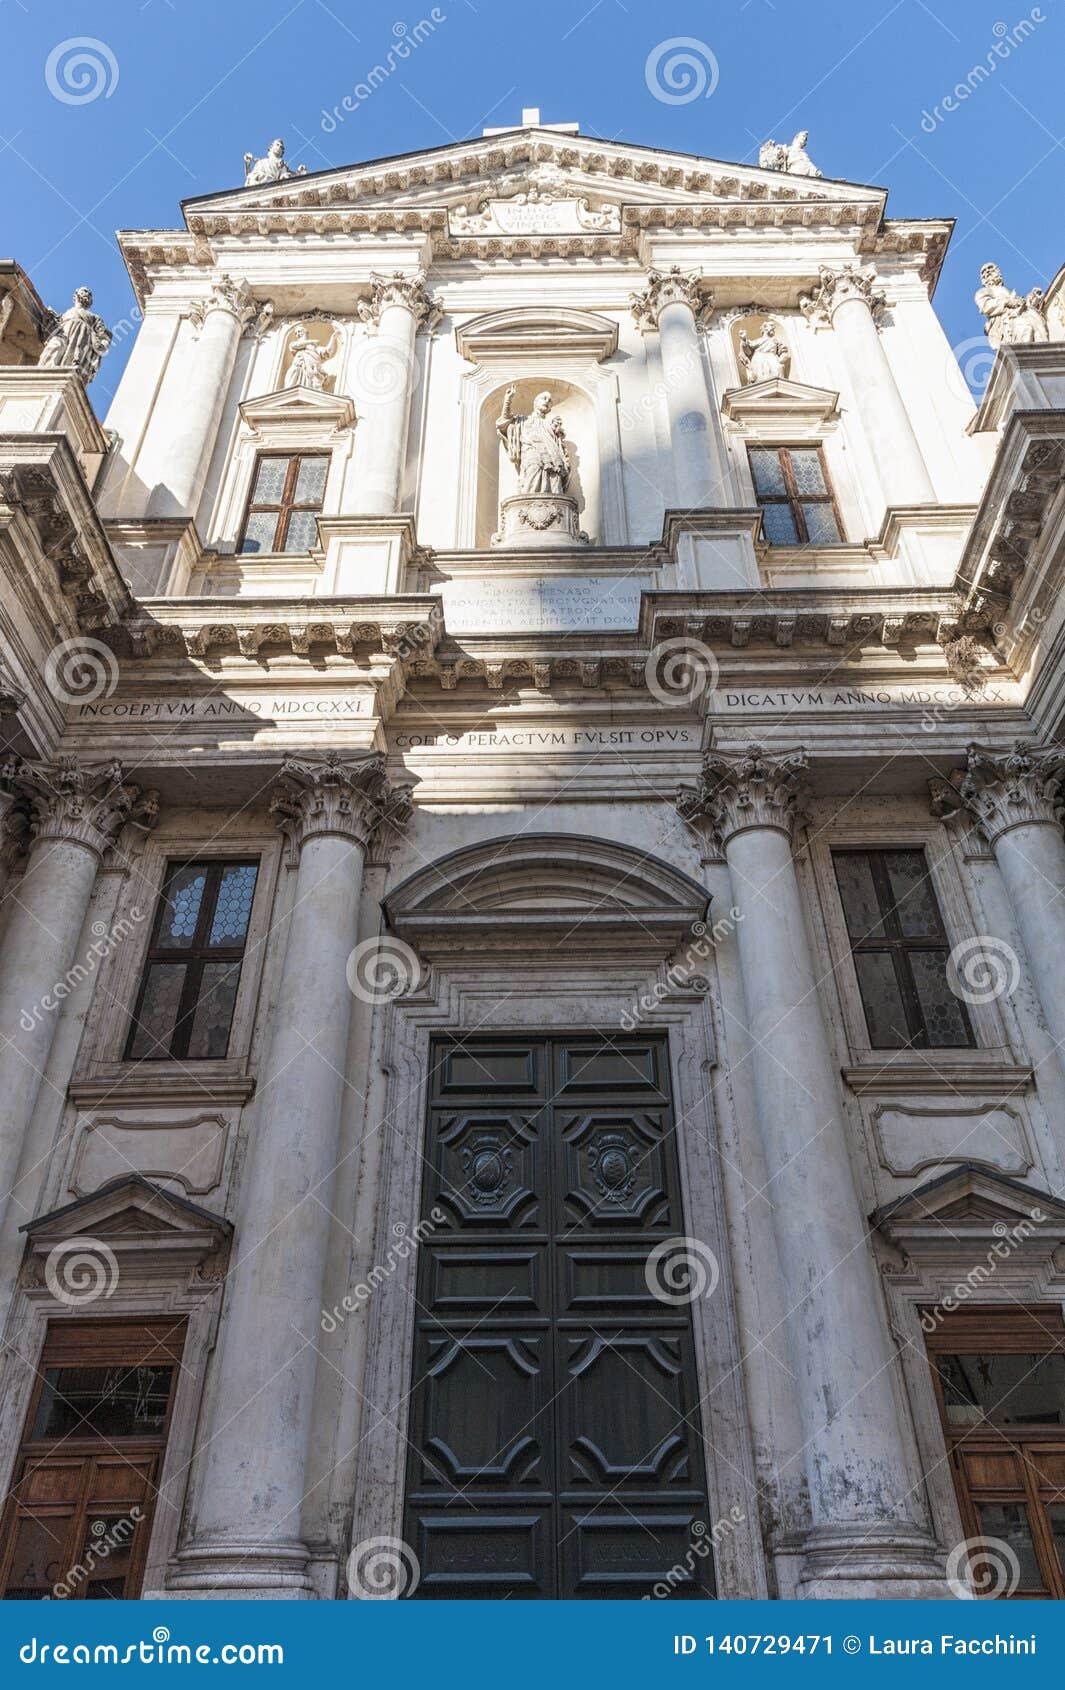 La iglesia de San Gaetano Thiene, también llamó el Teatini, es un edificio religioso, situado en Vicenza a lo largo de Corso Pall